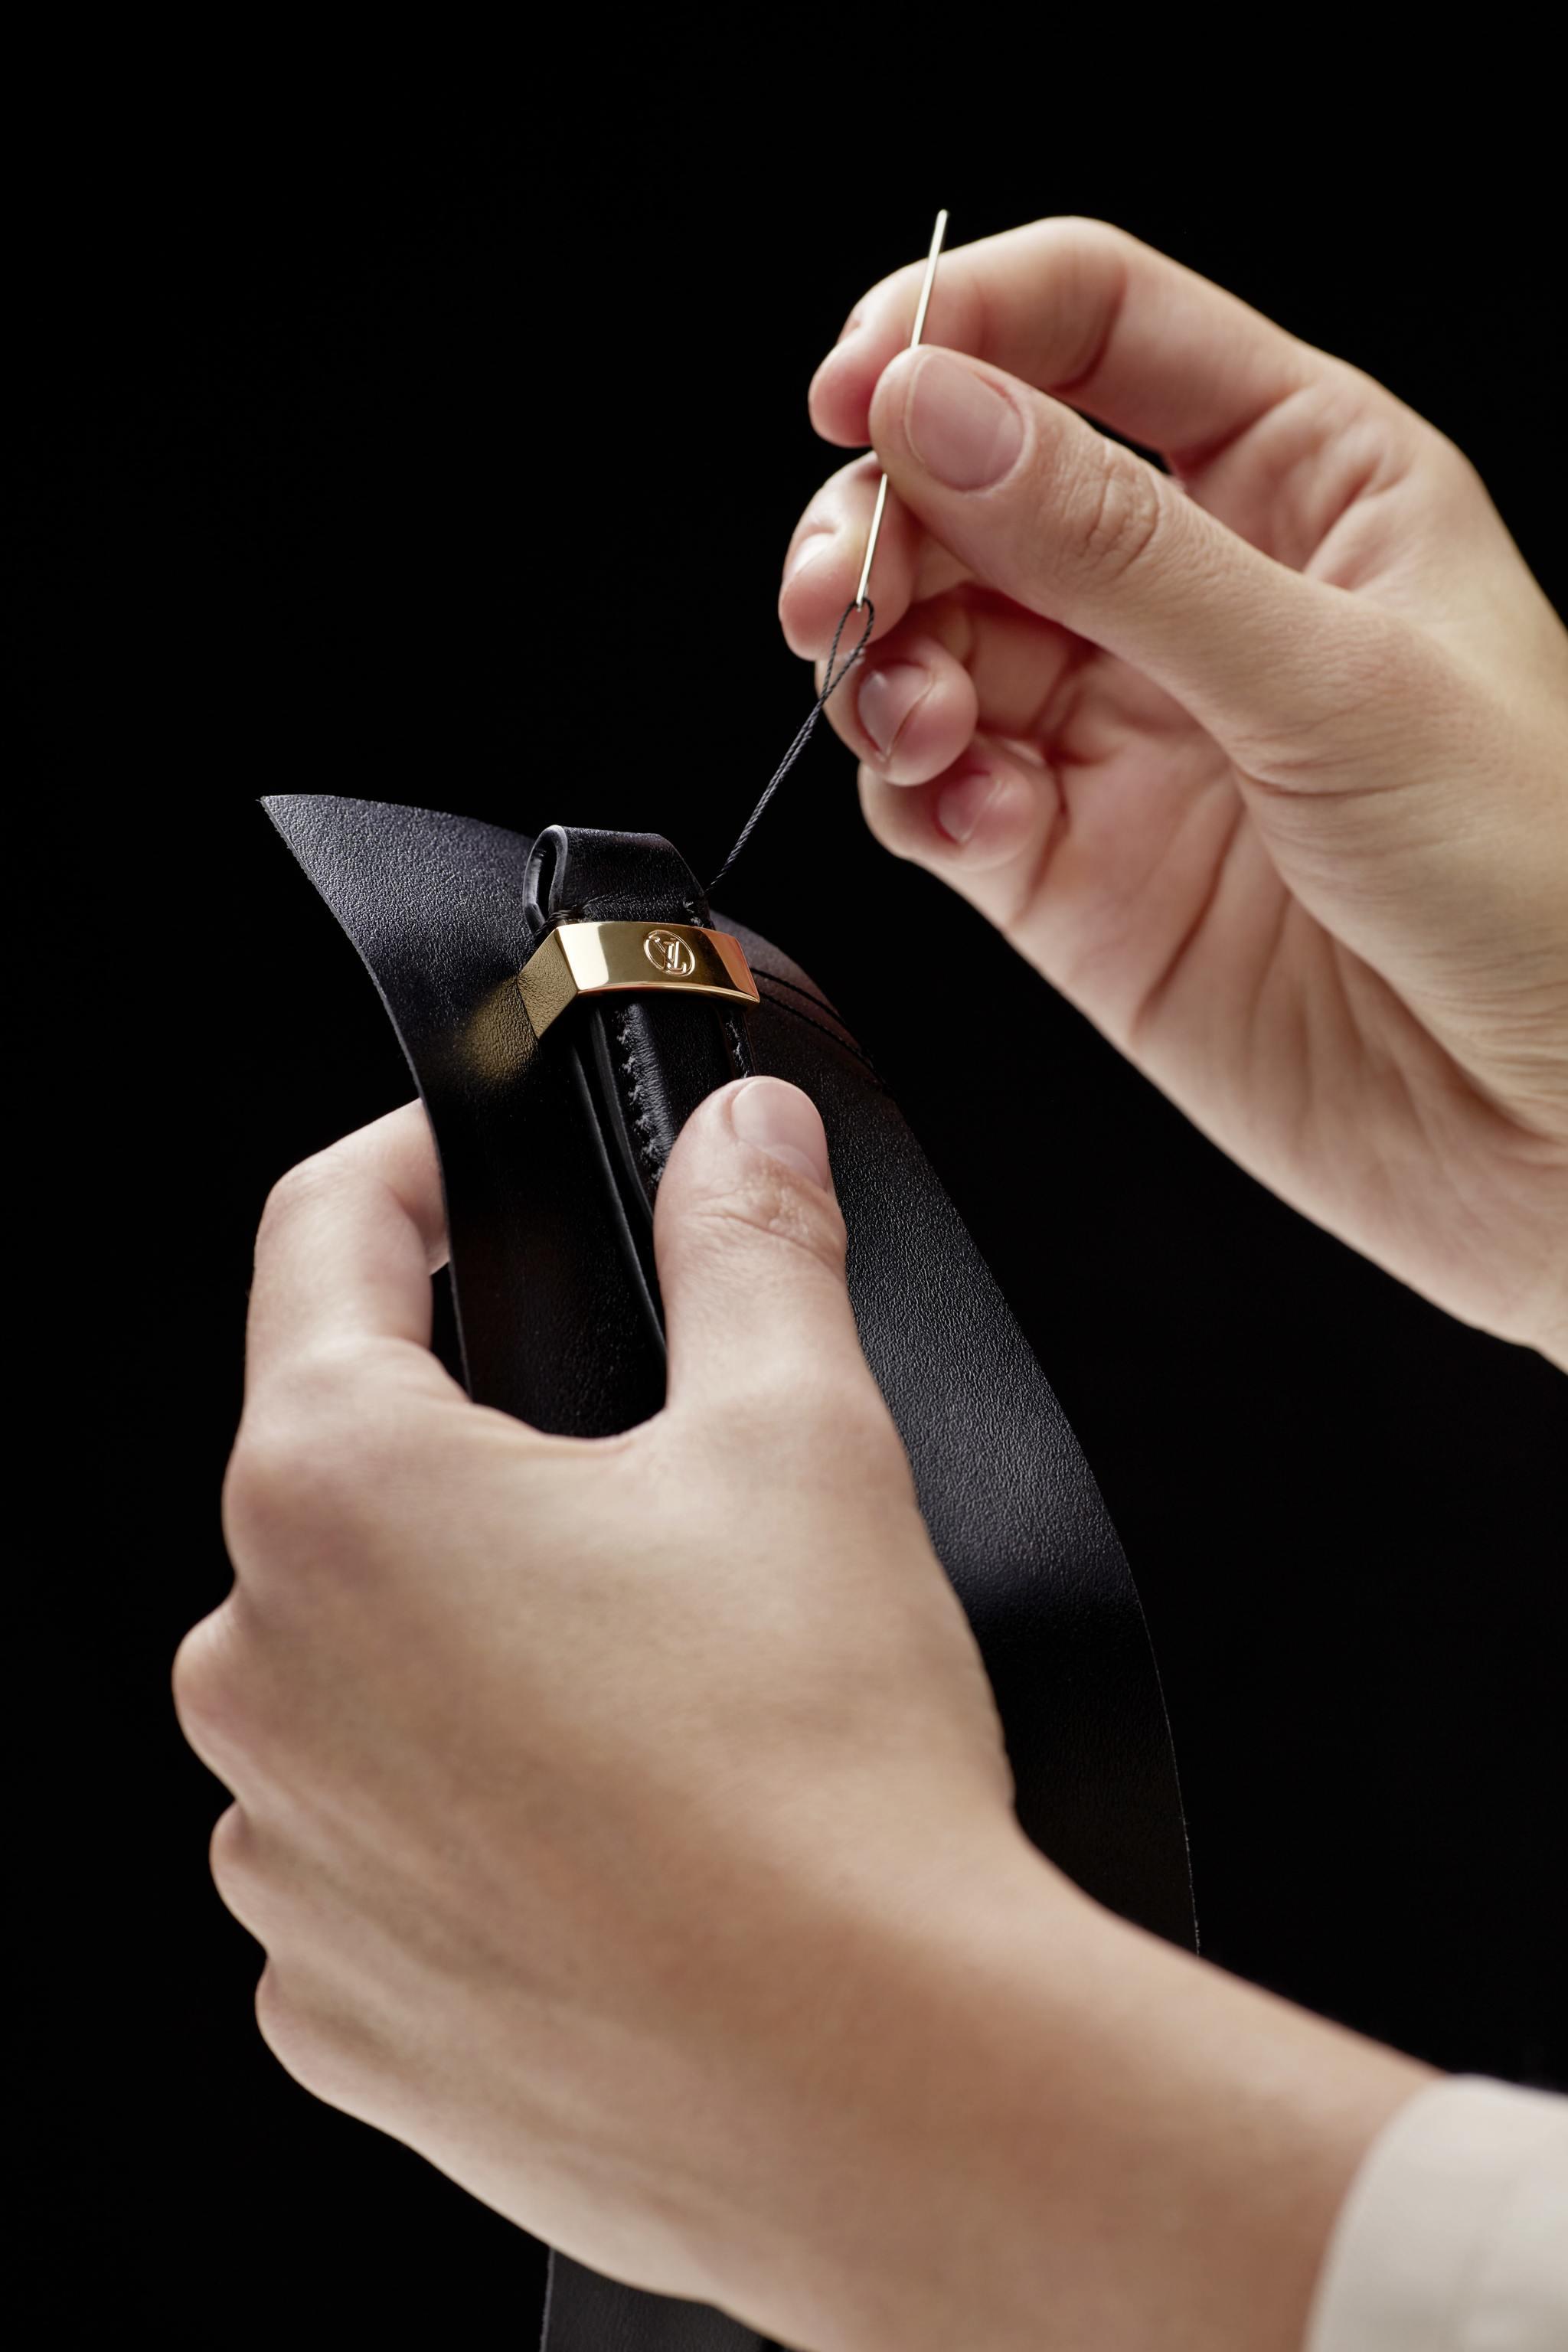 Detalle de la bandolera cosida a mano.